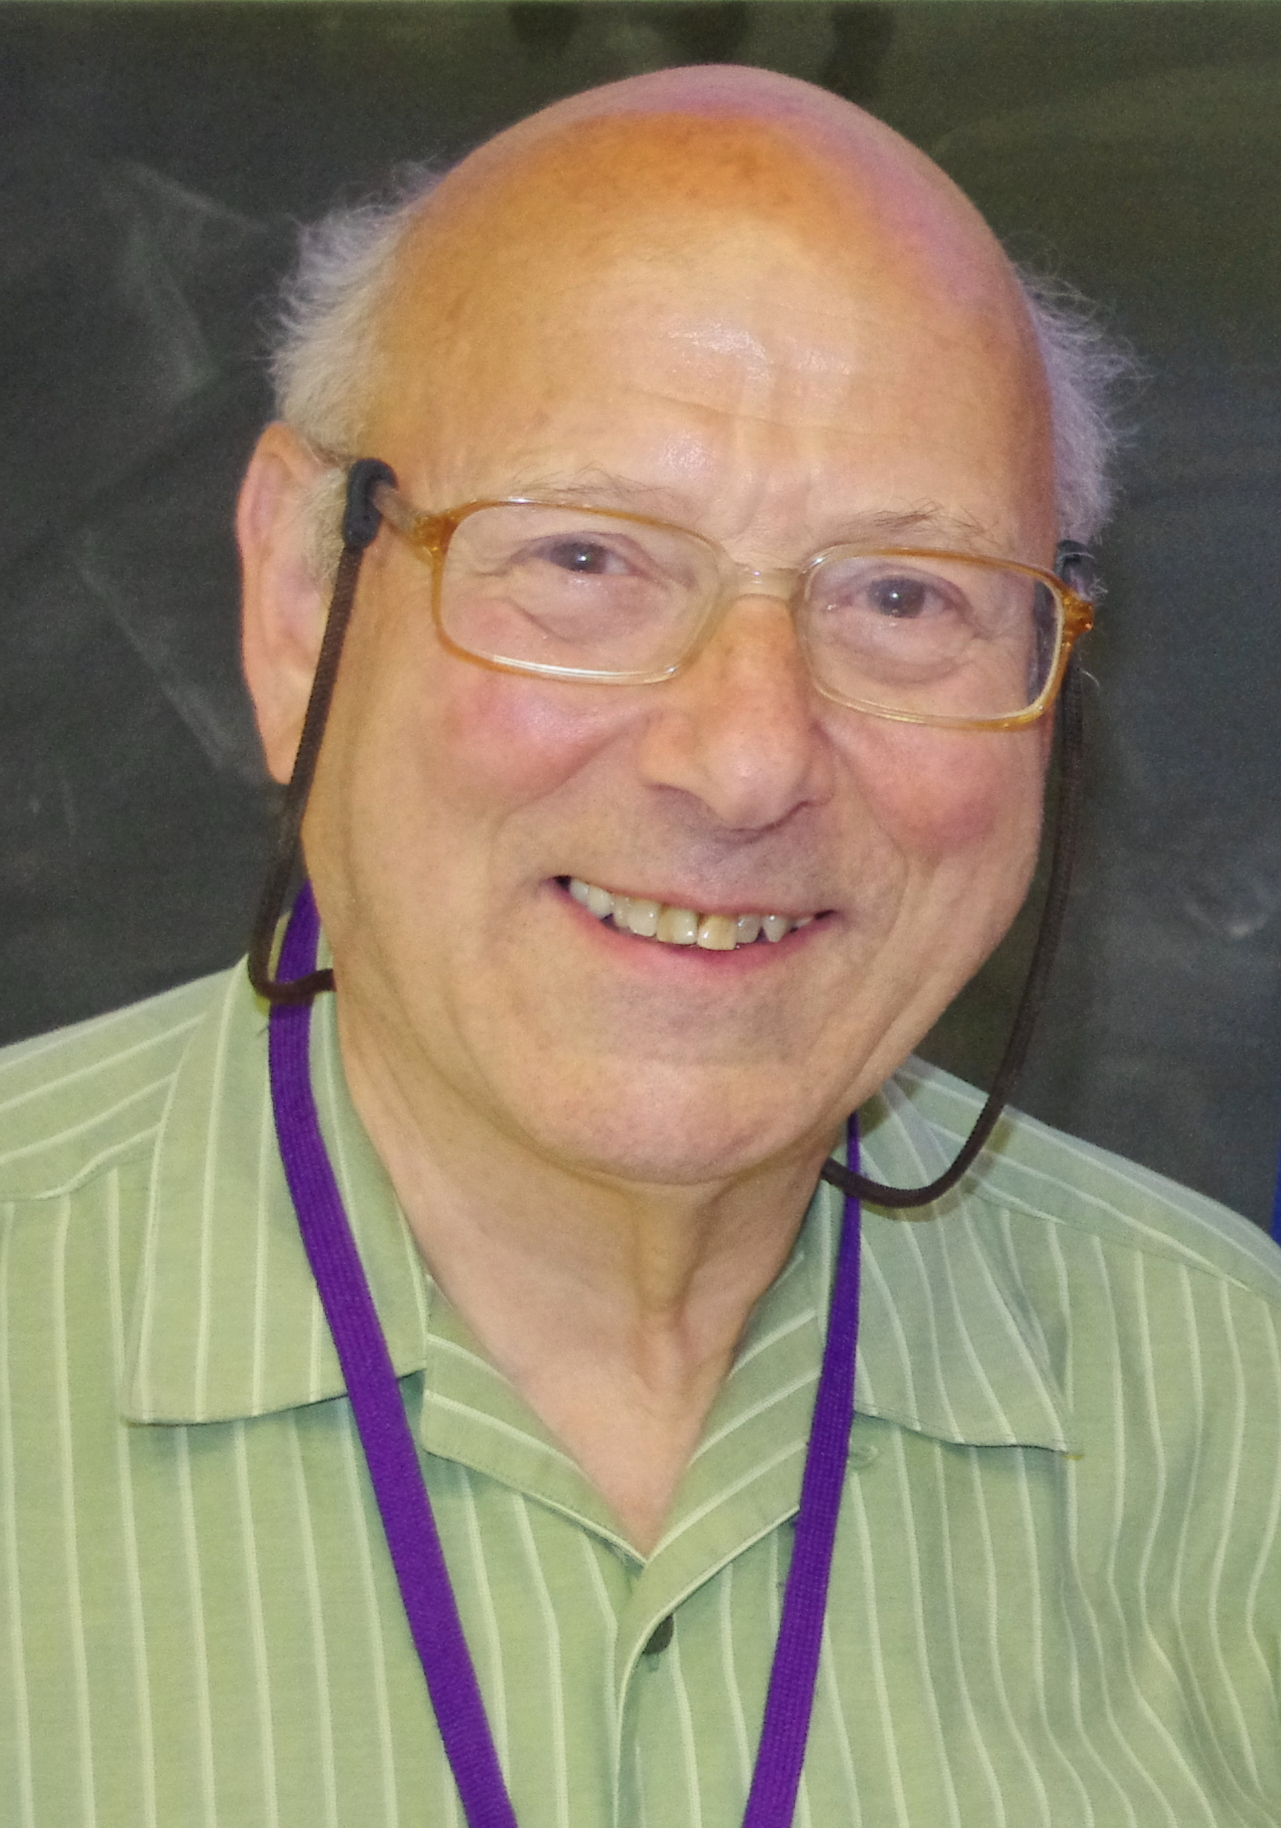 Peter M . Neumann